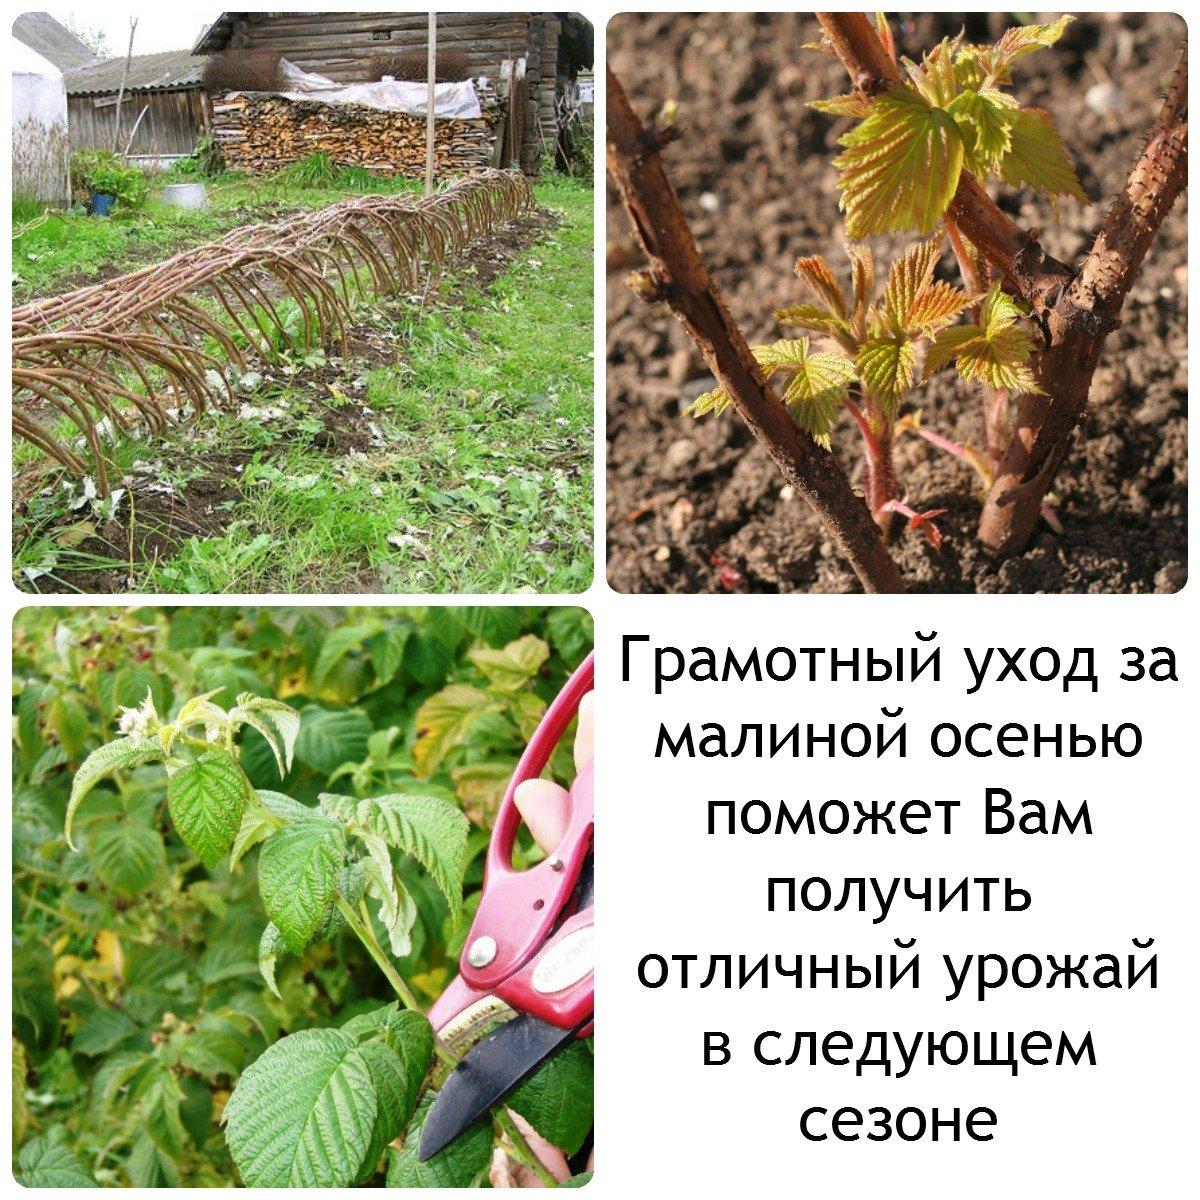 Посадка малины ремонтантной, когда и как нужно делать, а также лучшие сроки для проведения в беларуси, подмосковье и других регионах